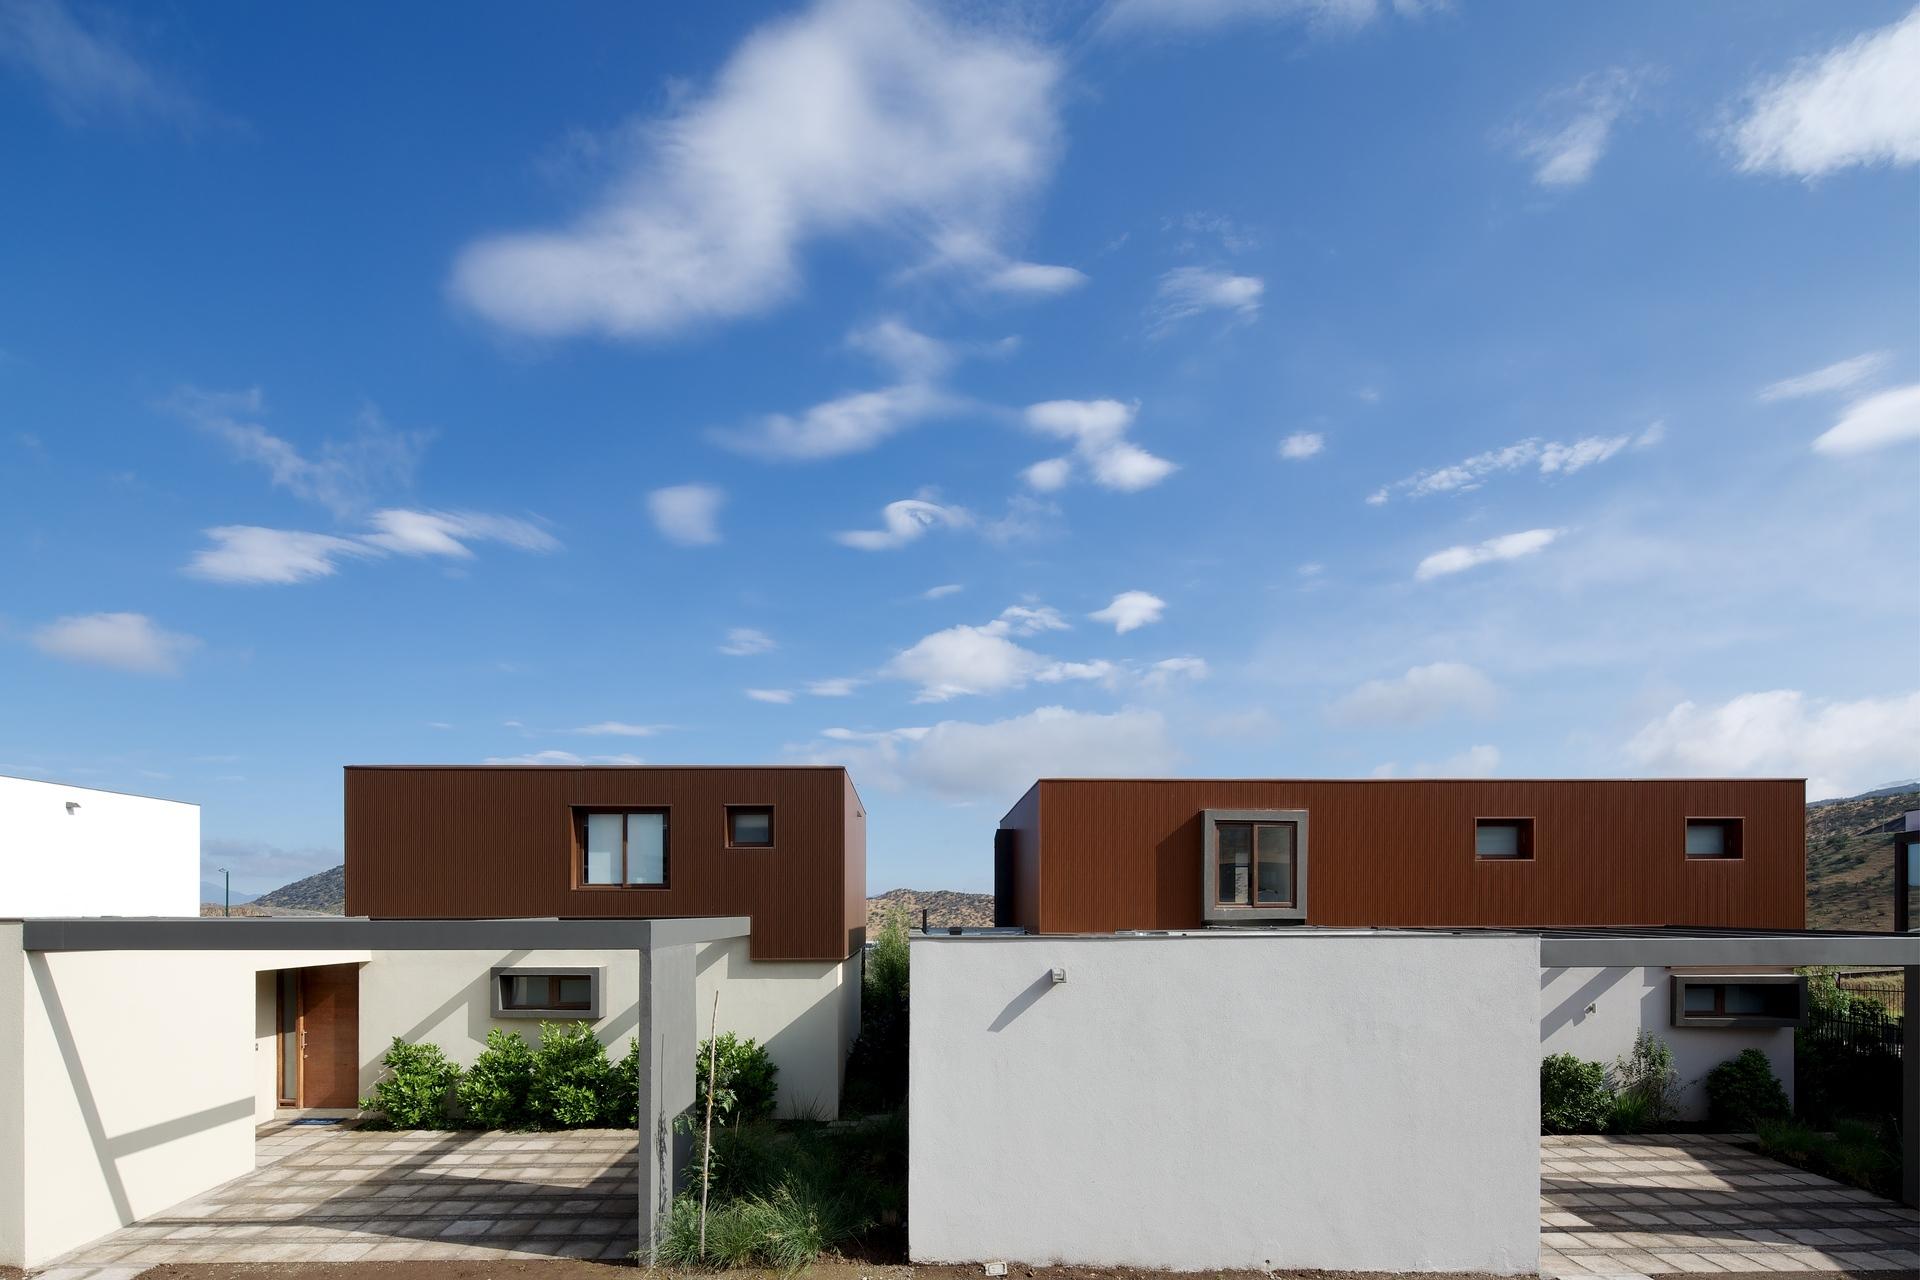 Casa singular galeria de proyectos hunterdouglas - Proyecto singular ...